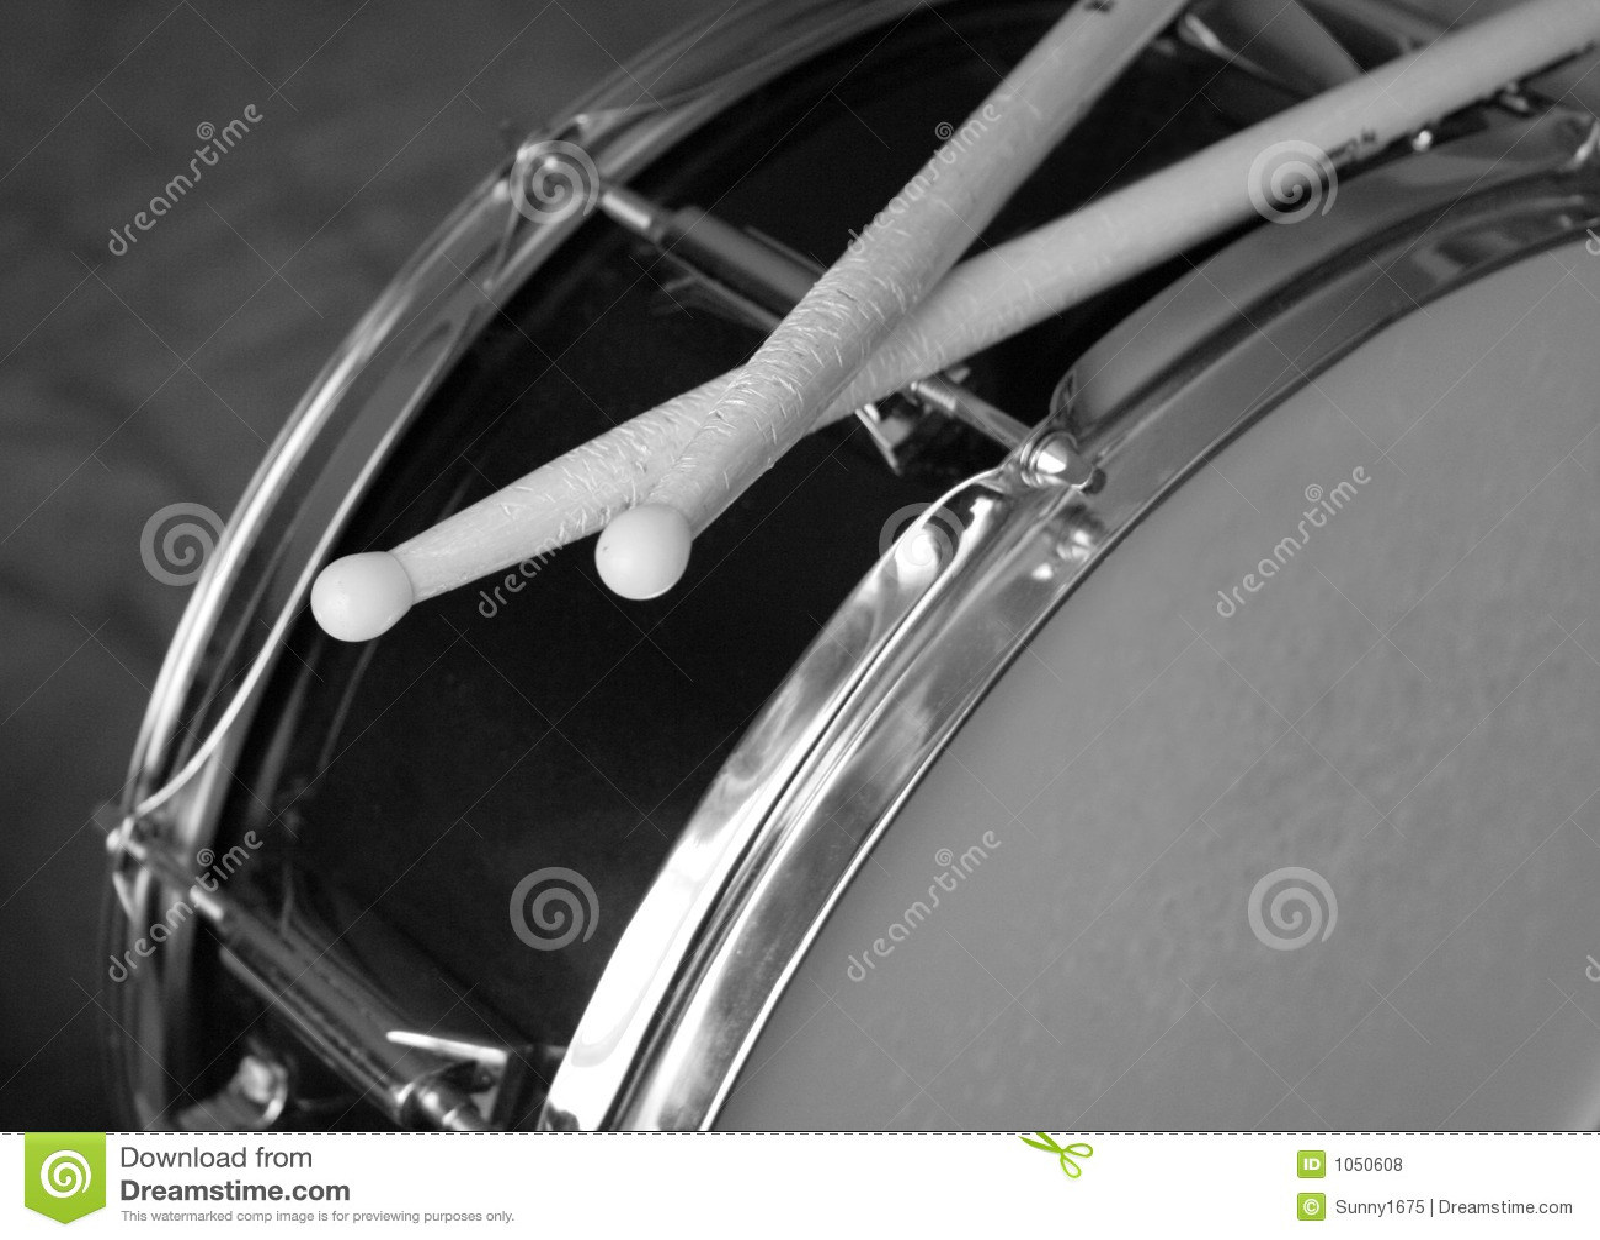 Cilindro com varas